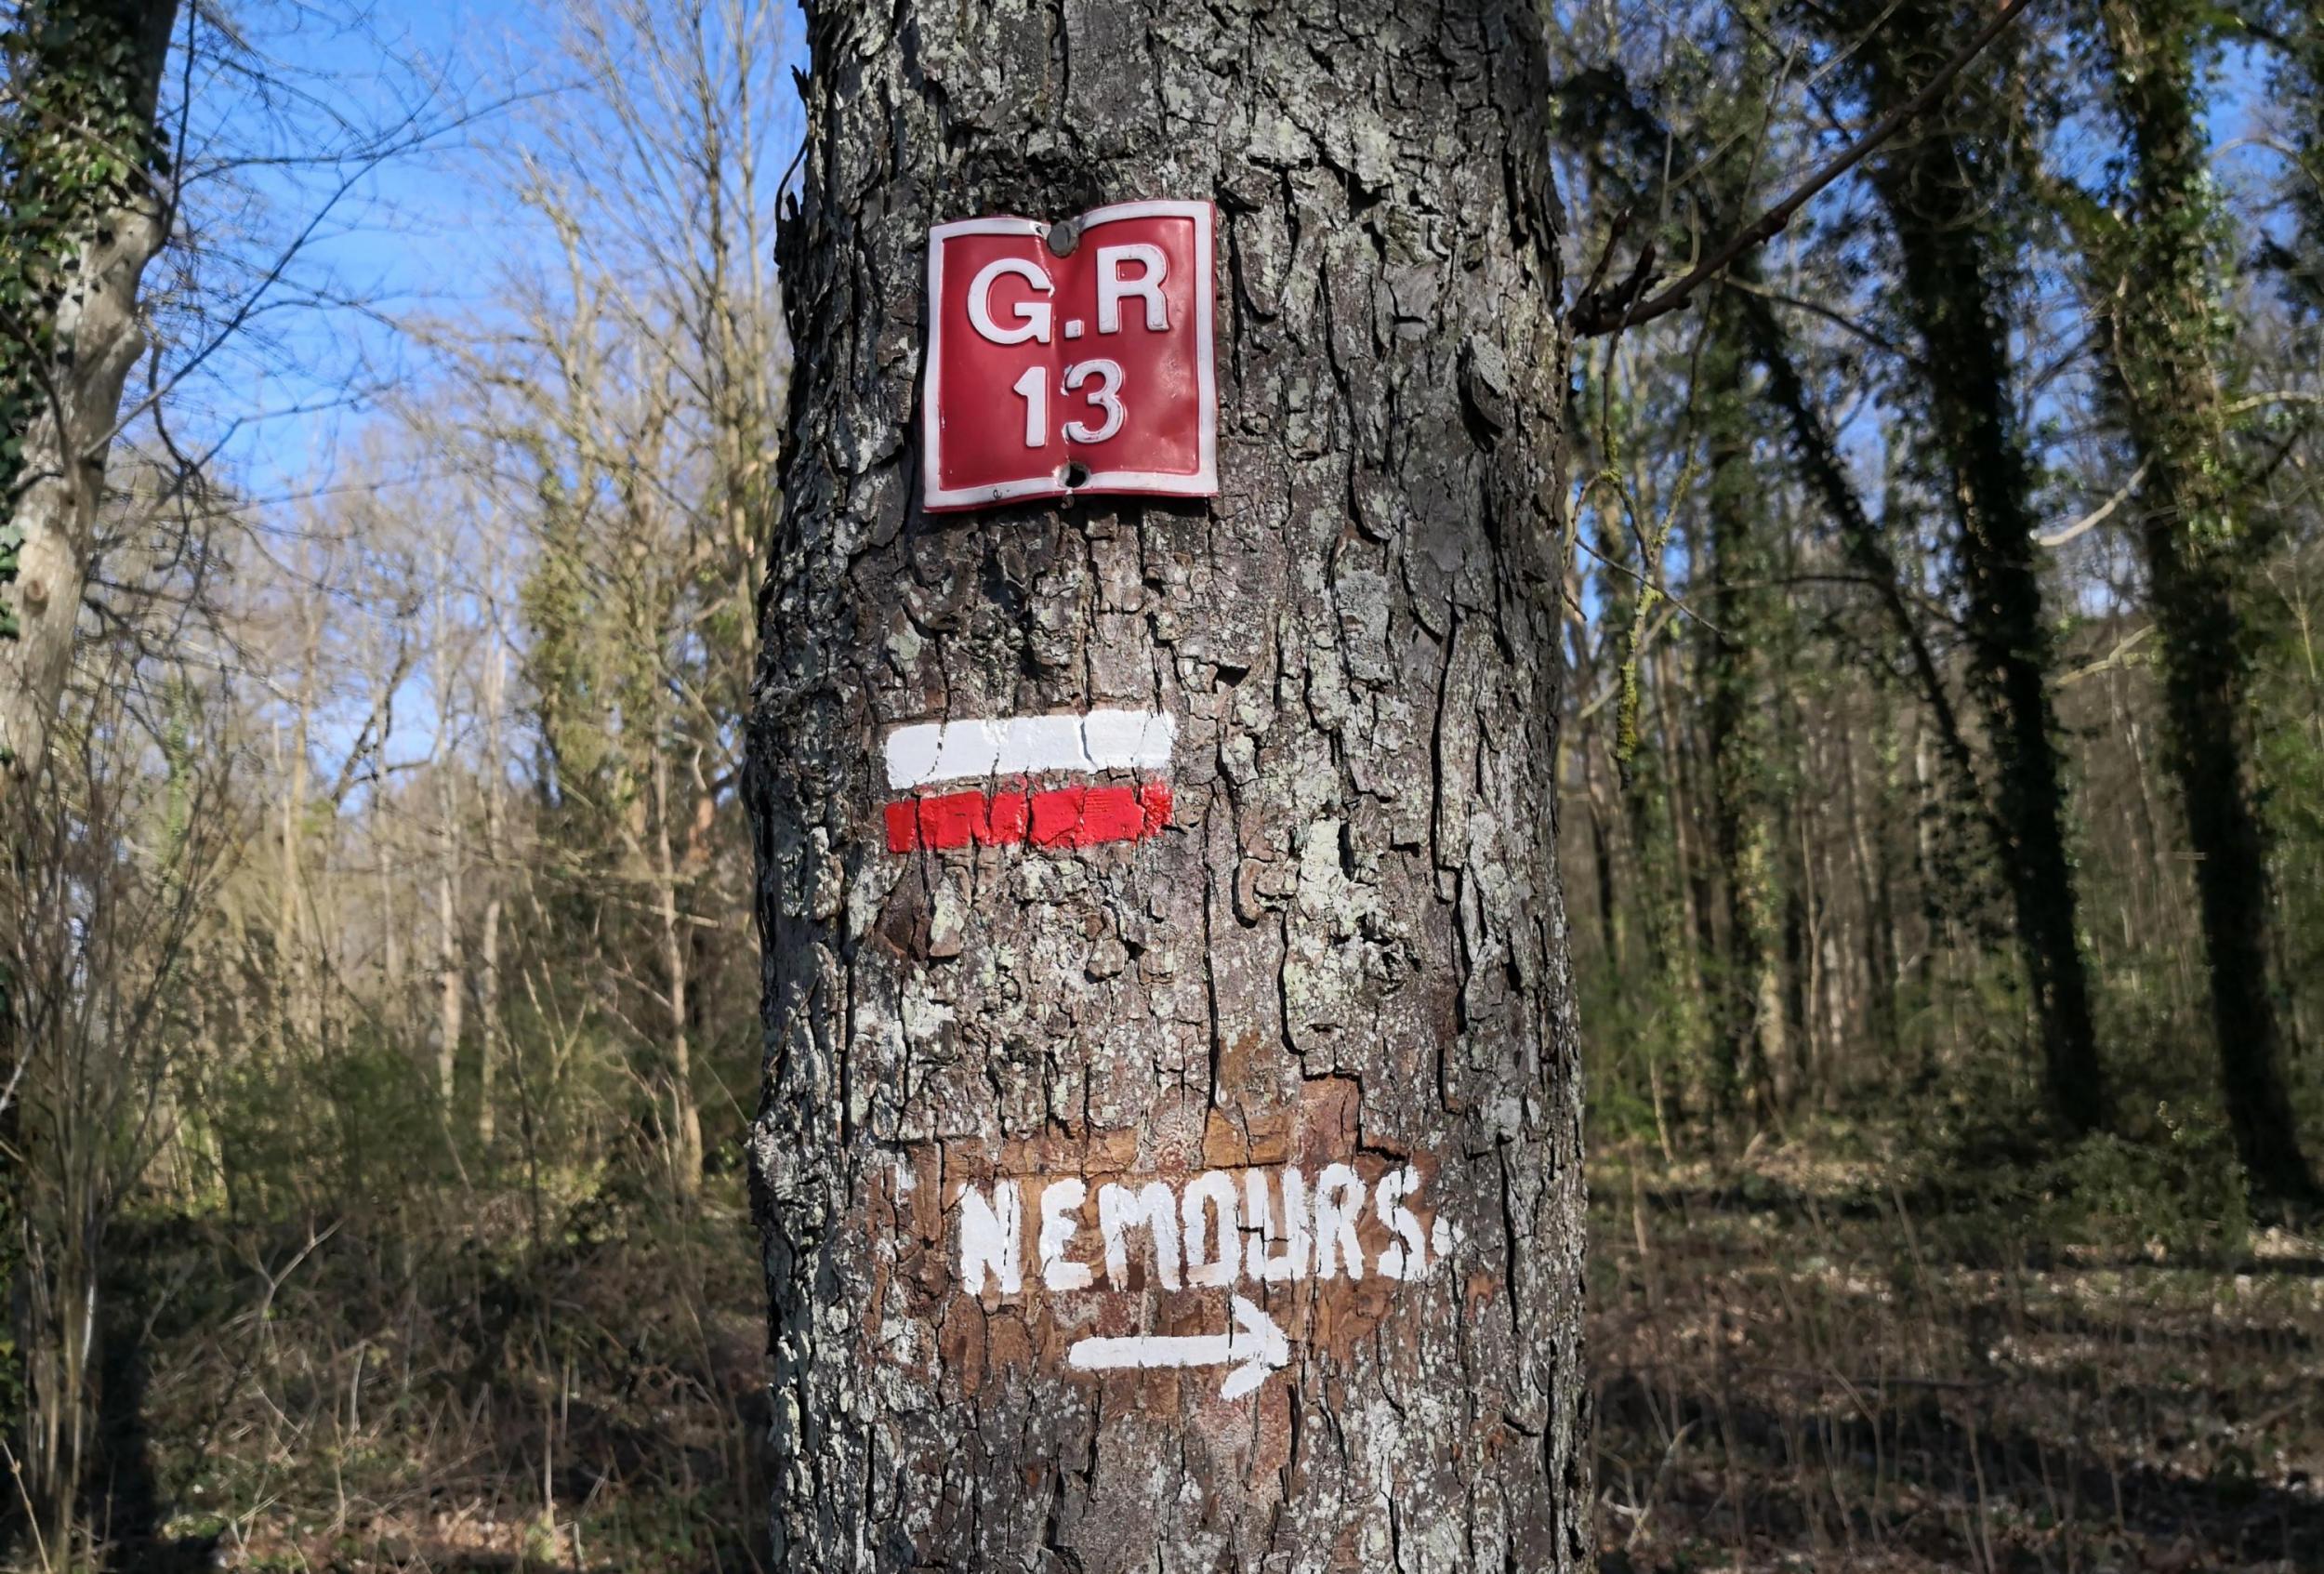 GR13 on arrive à Nemours